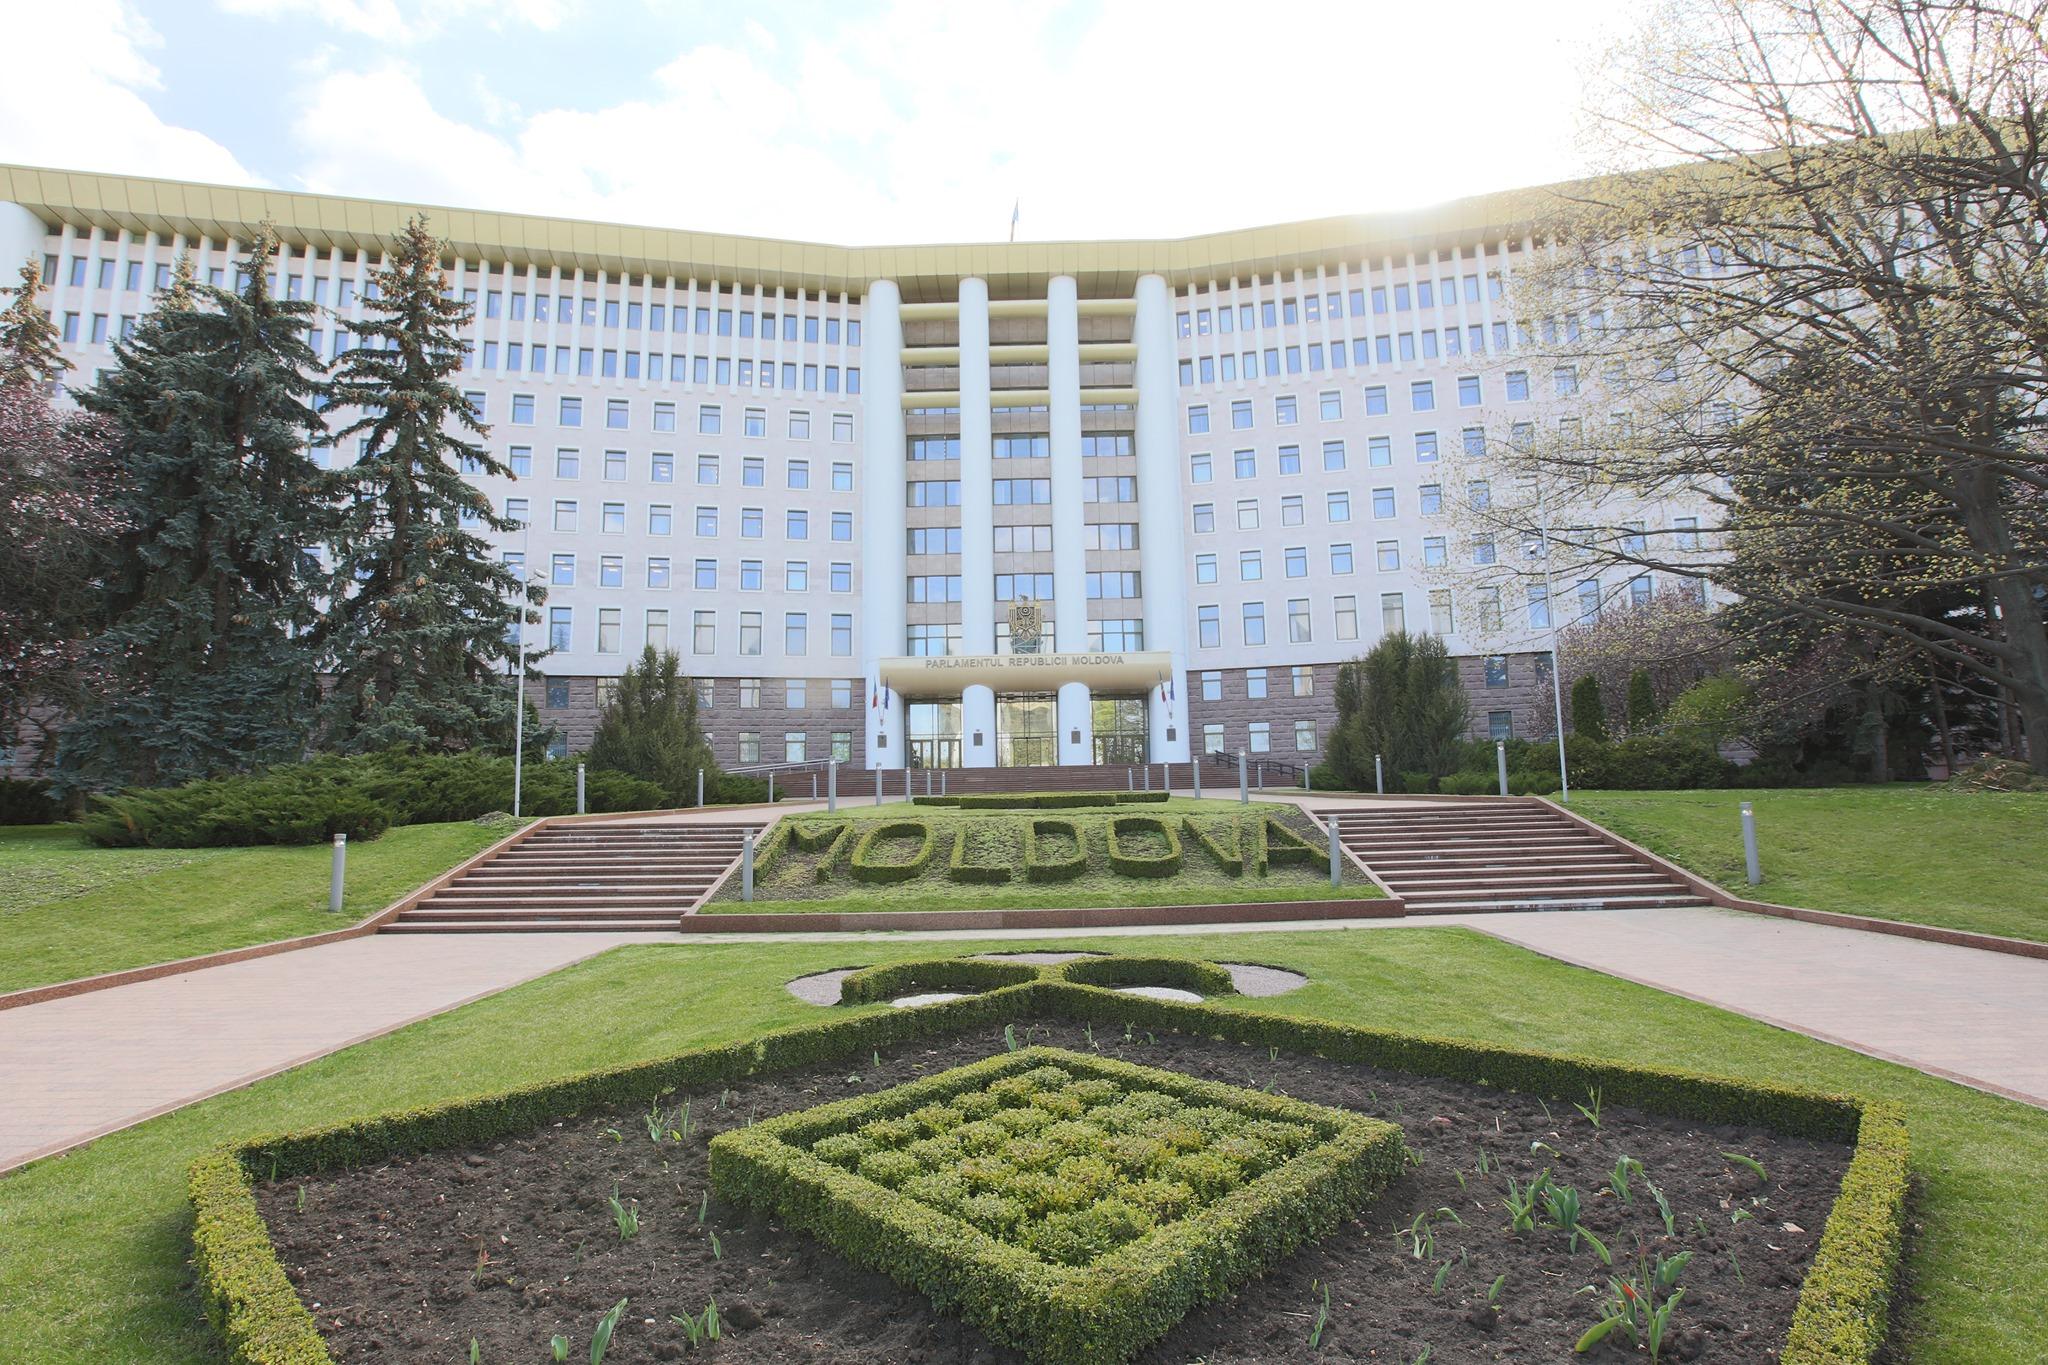 Chișinău: PAS cheamă partidele din Parlament la dialog. PSRM vrea acțiuni juridice pentru a depăși criza politică